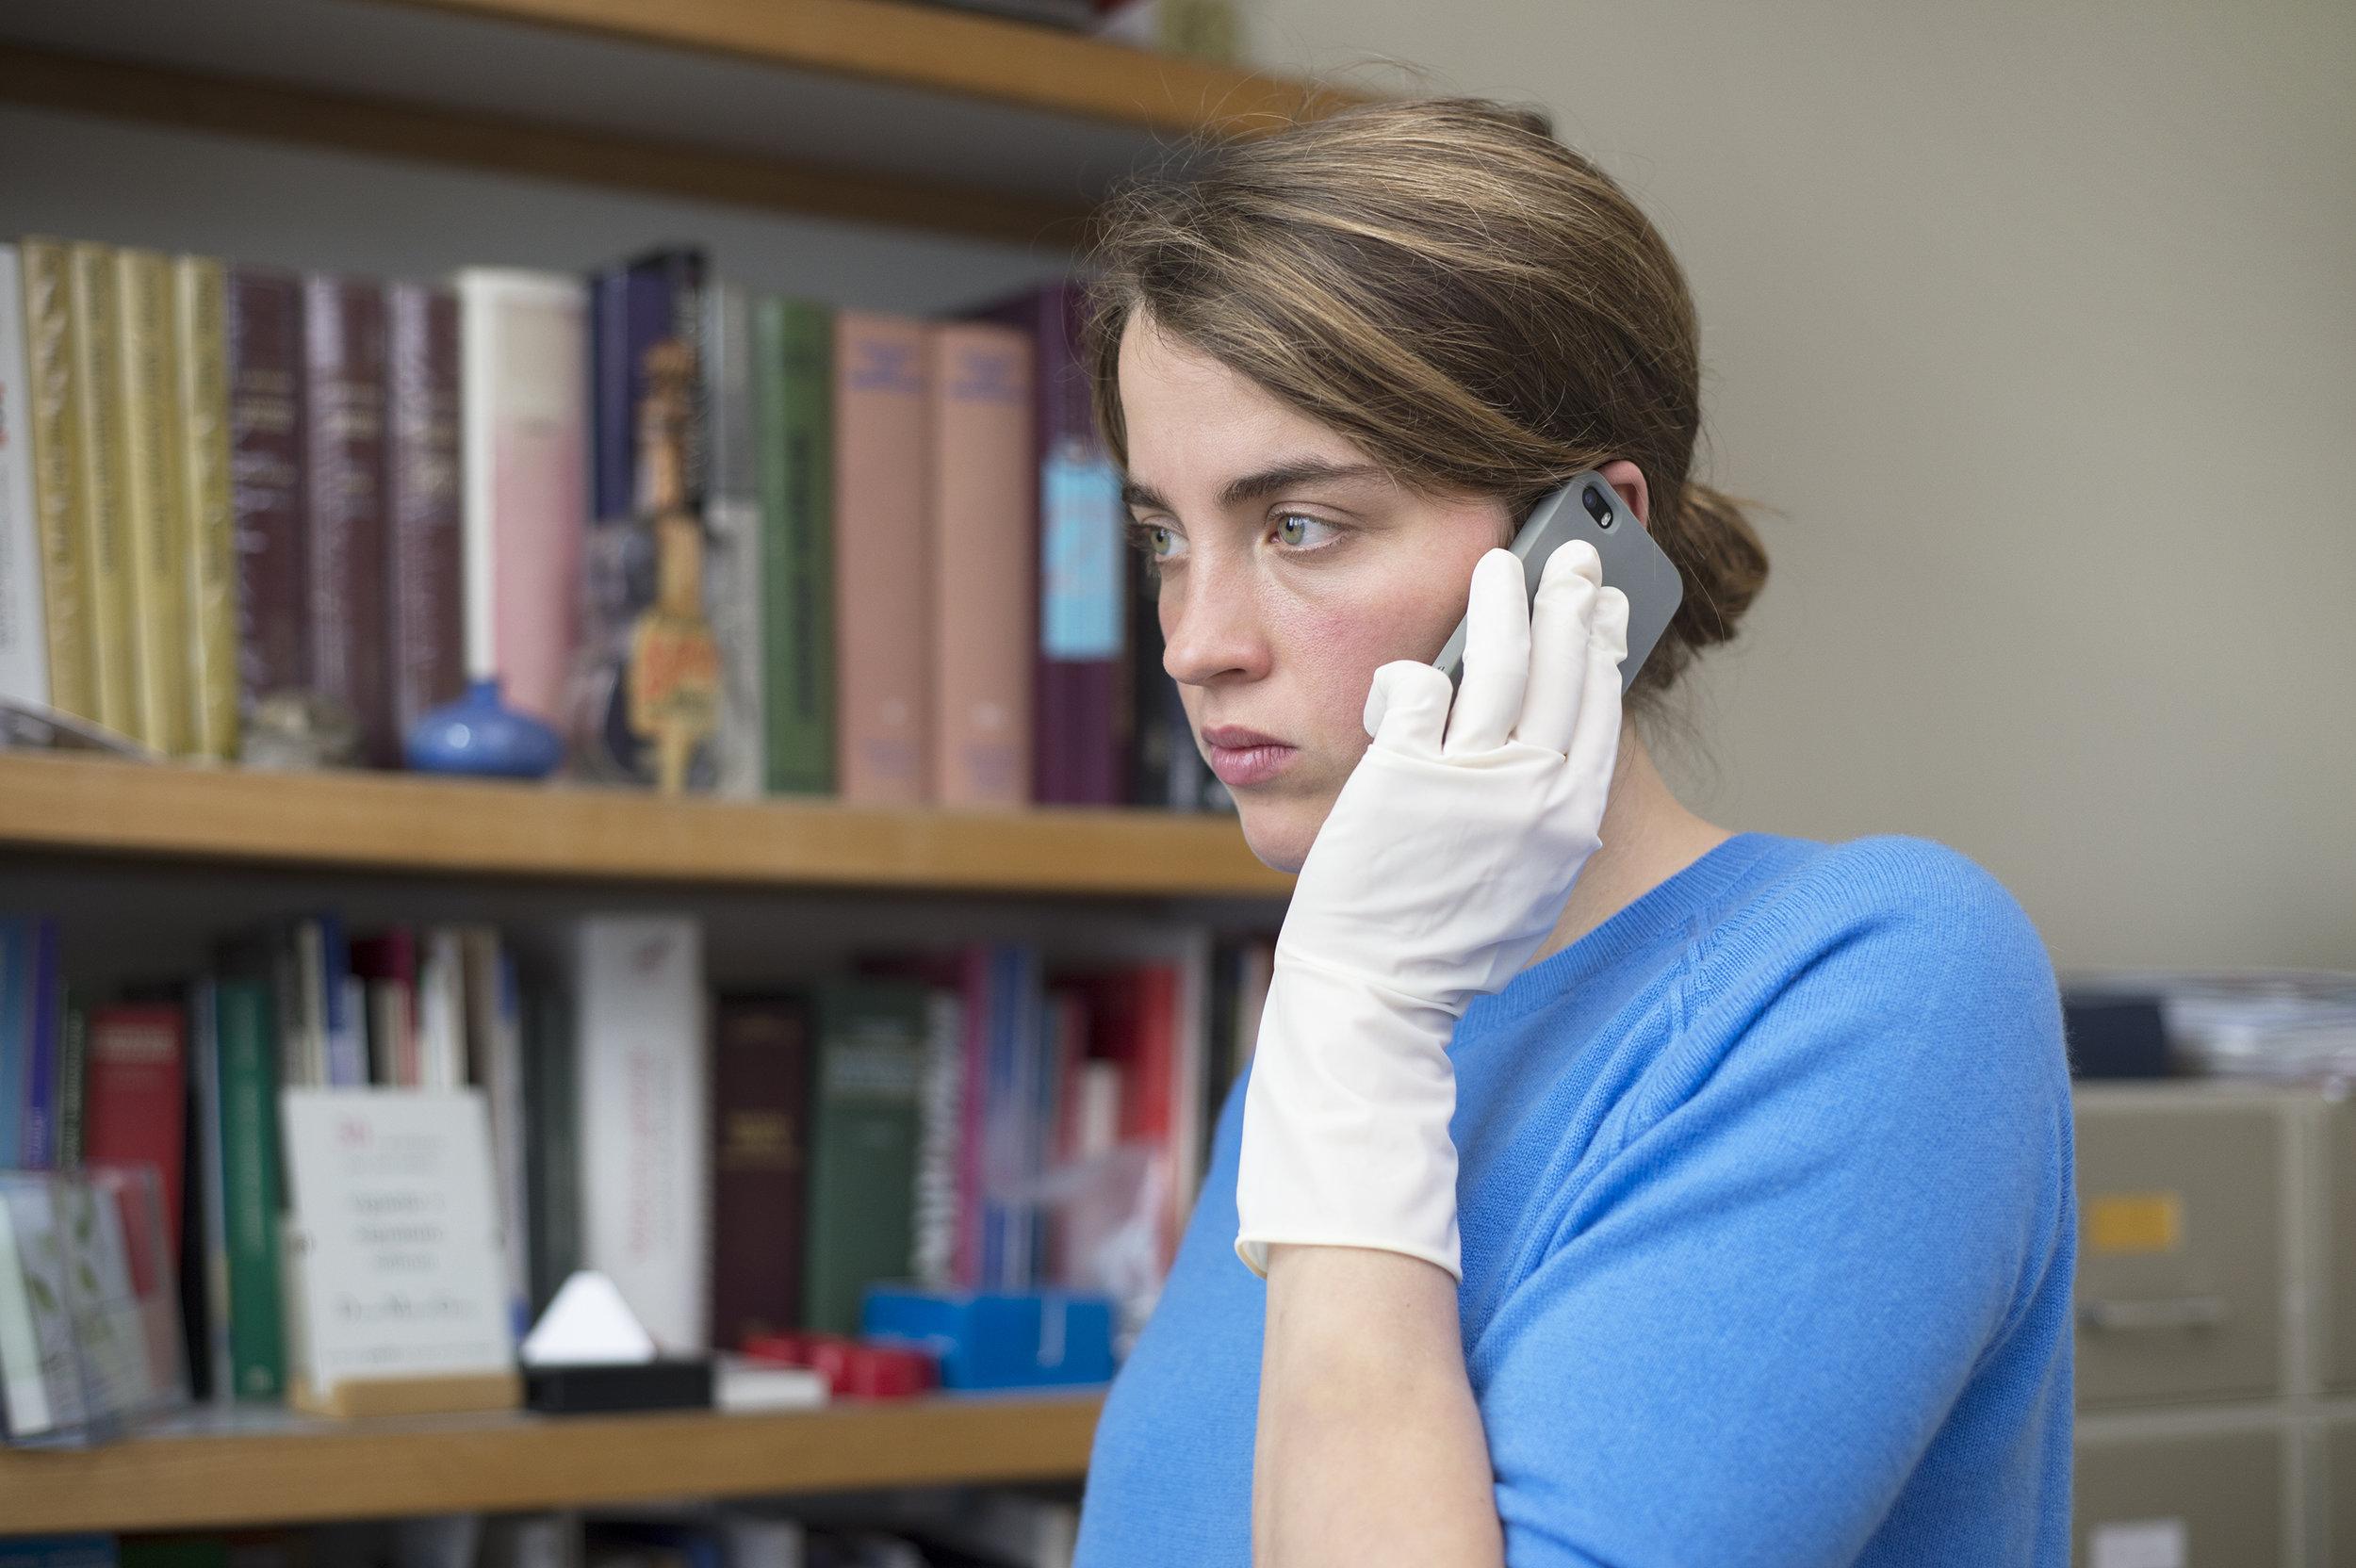 Legen Jenny Davin blir nesten engleaktig selvoppofrende, slik regissørene skildrer henne.